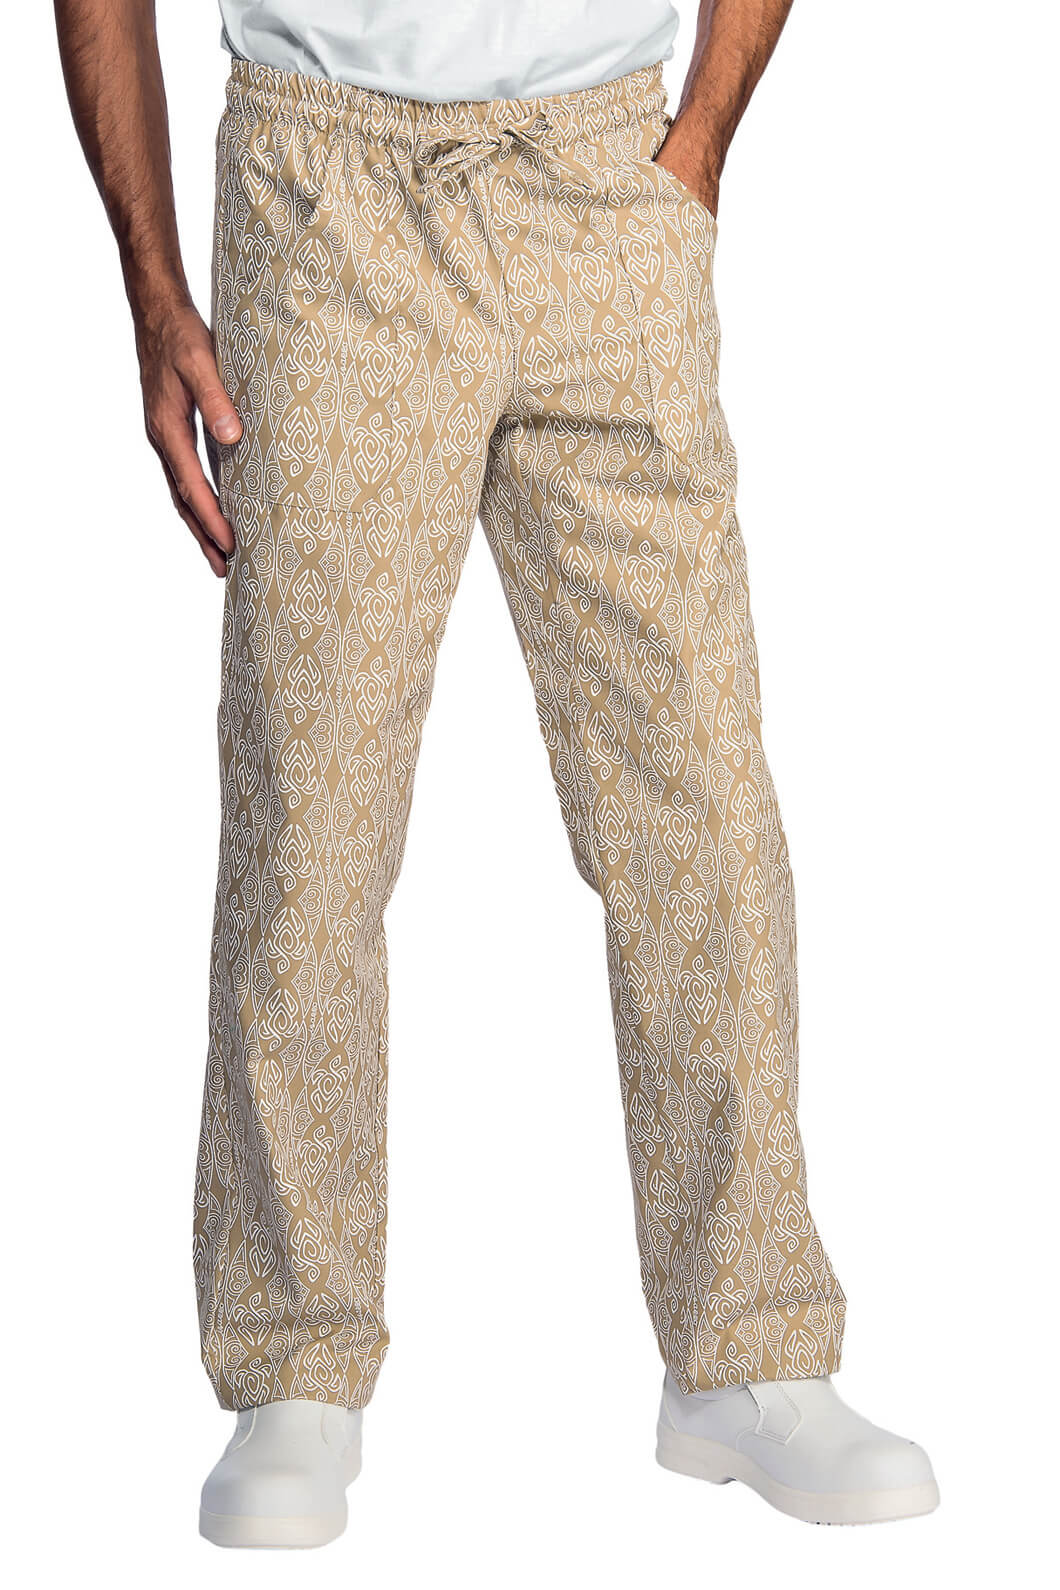 Pantalon cuisinier biscuit blanc pantalons de cuisine for Cuisinier particulier